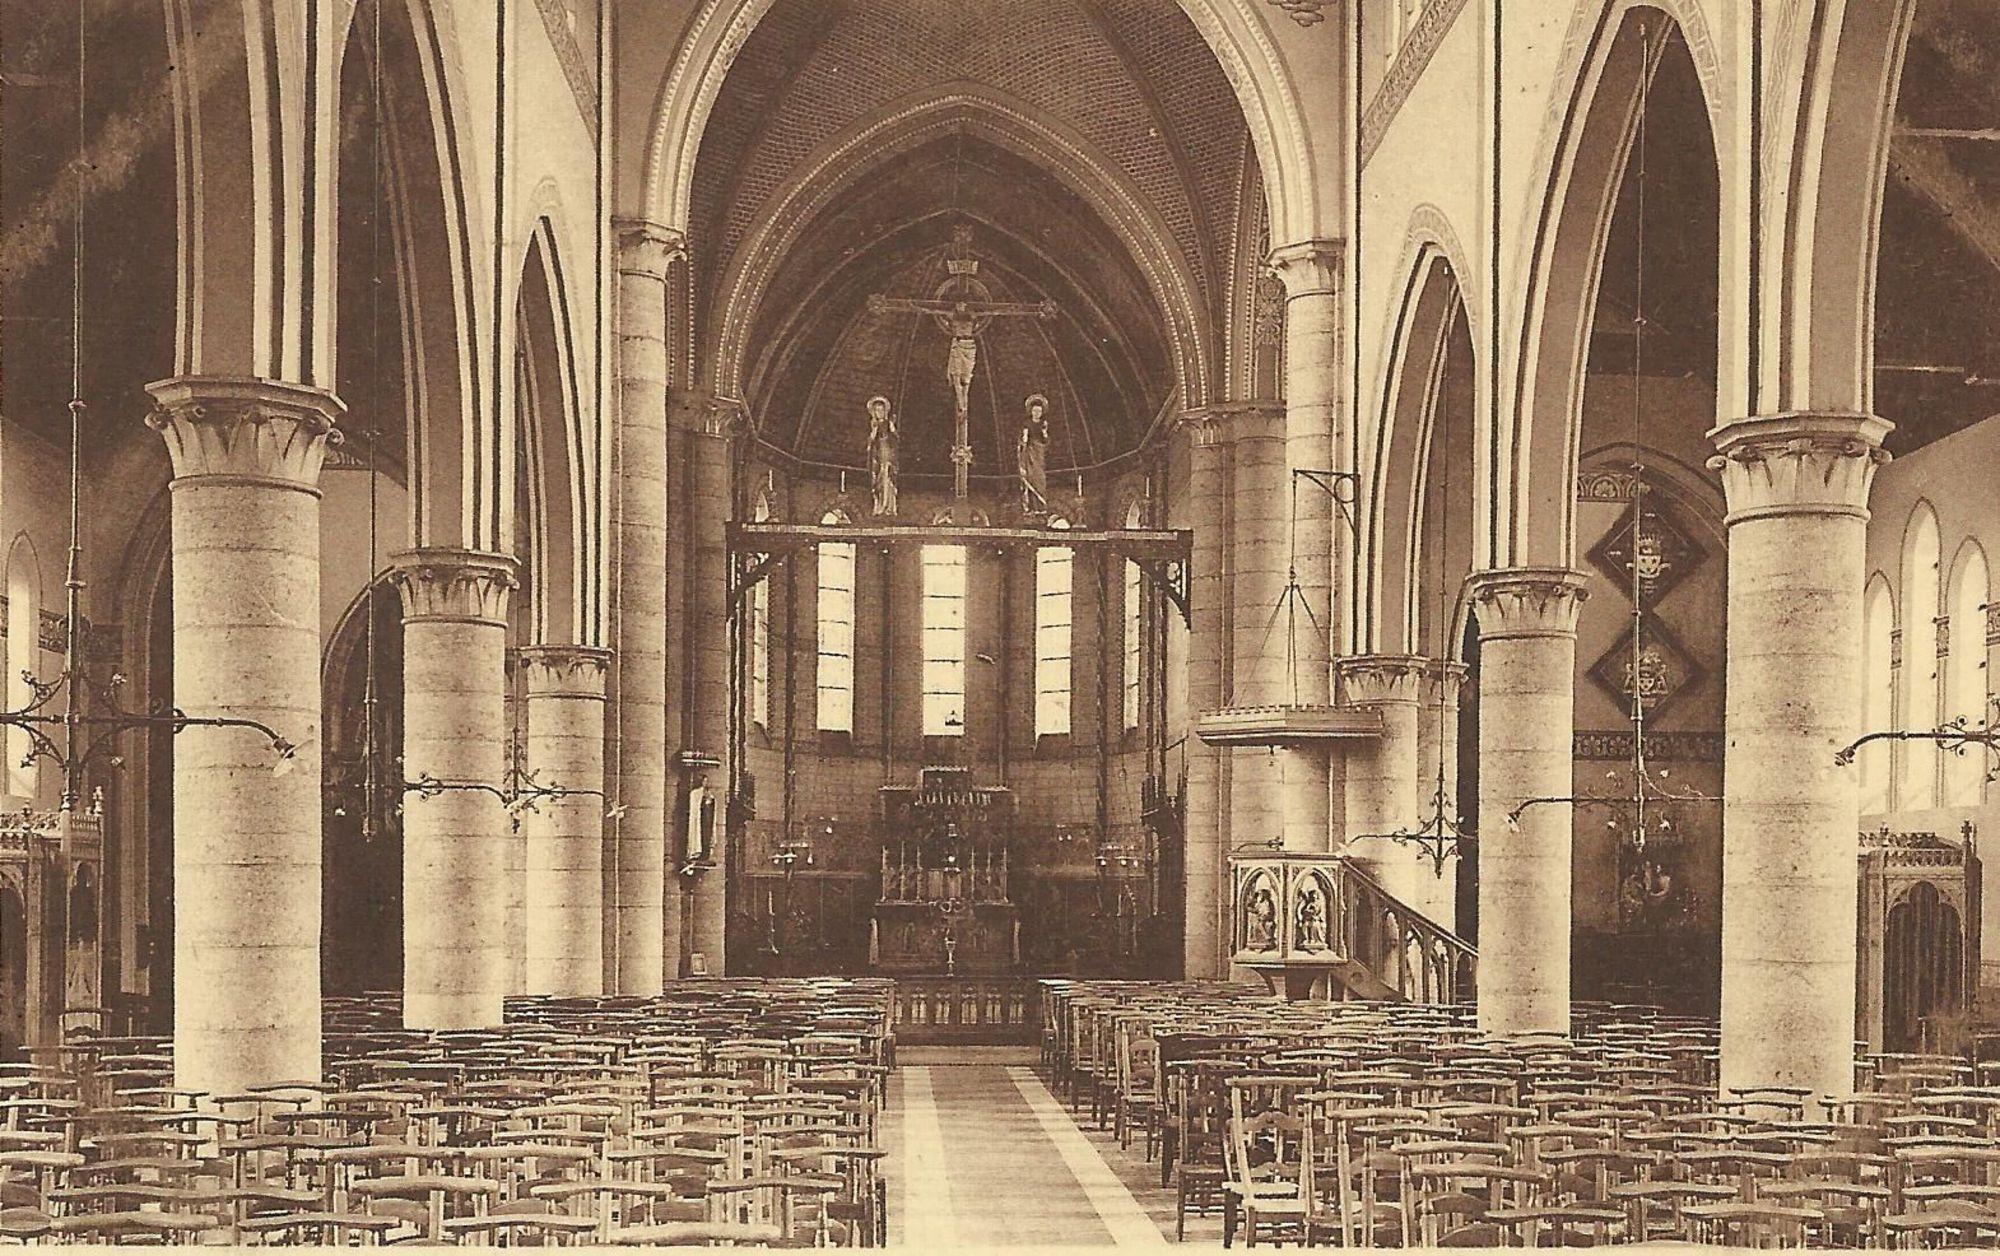 Interieur van de kerk van Marke